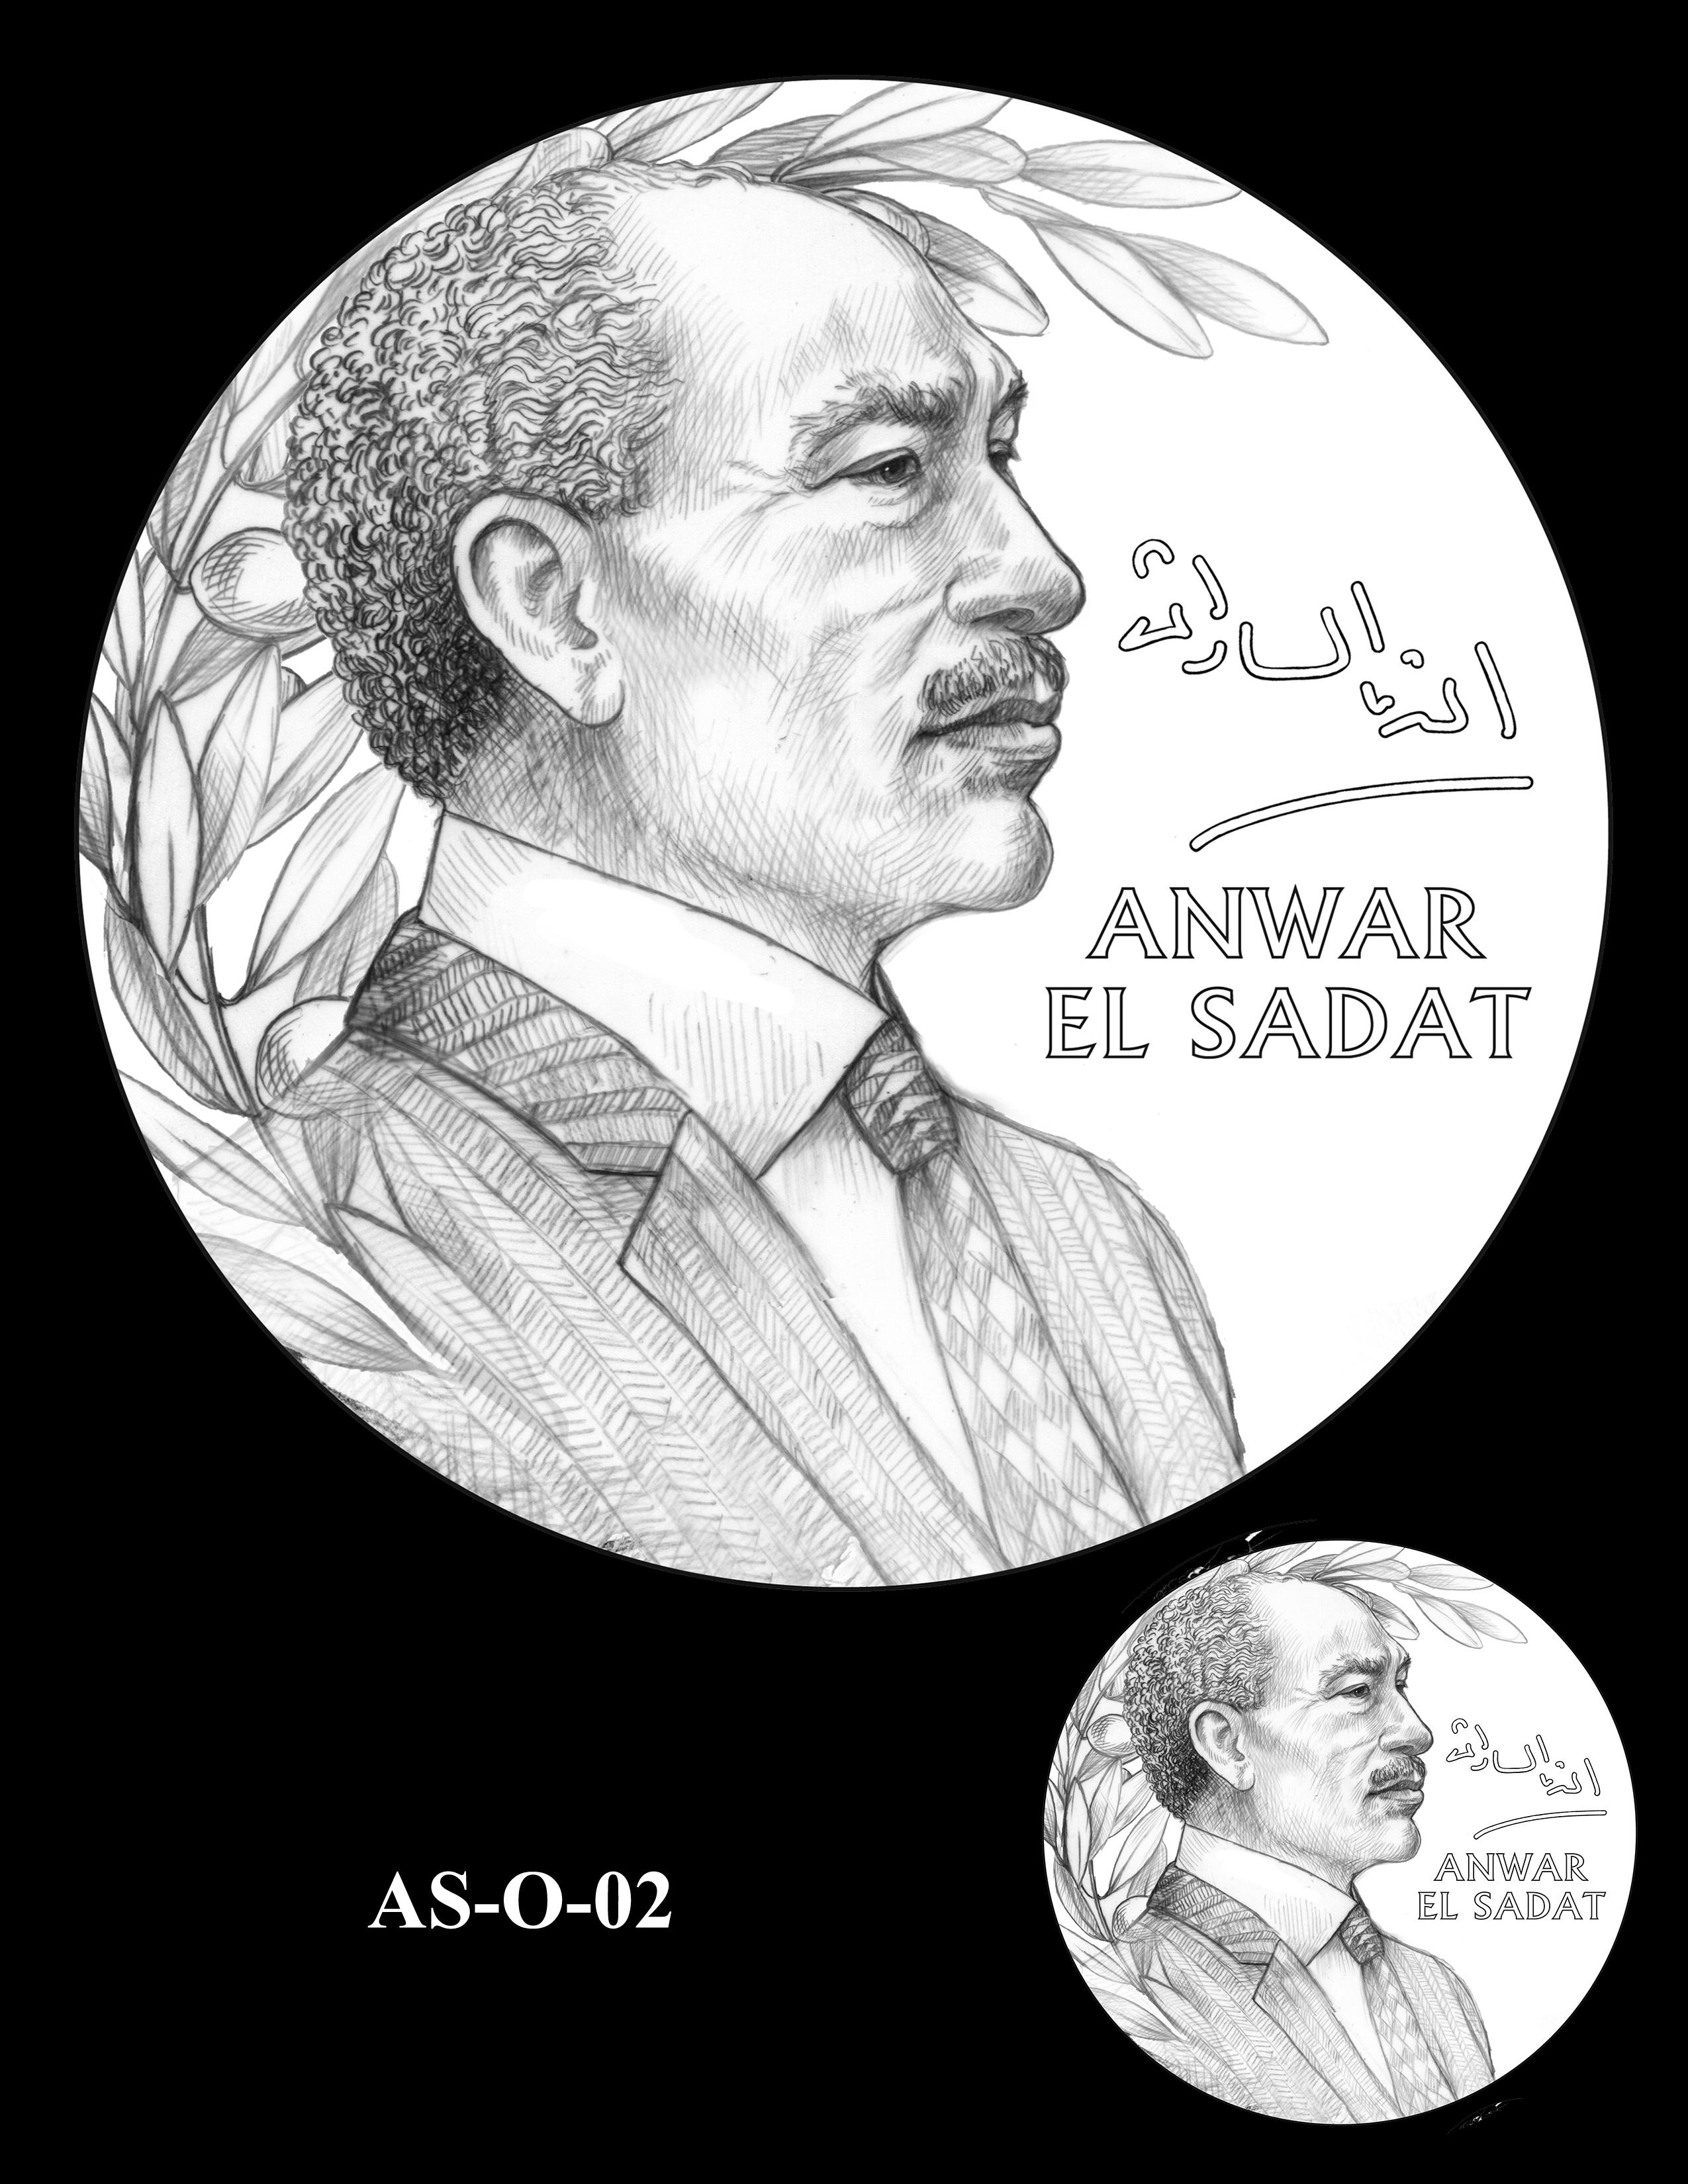 AS-O-02 -- Anwar El Sadat CGM Obverse